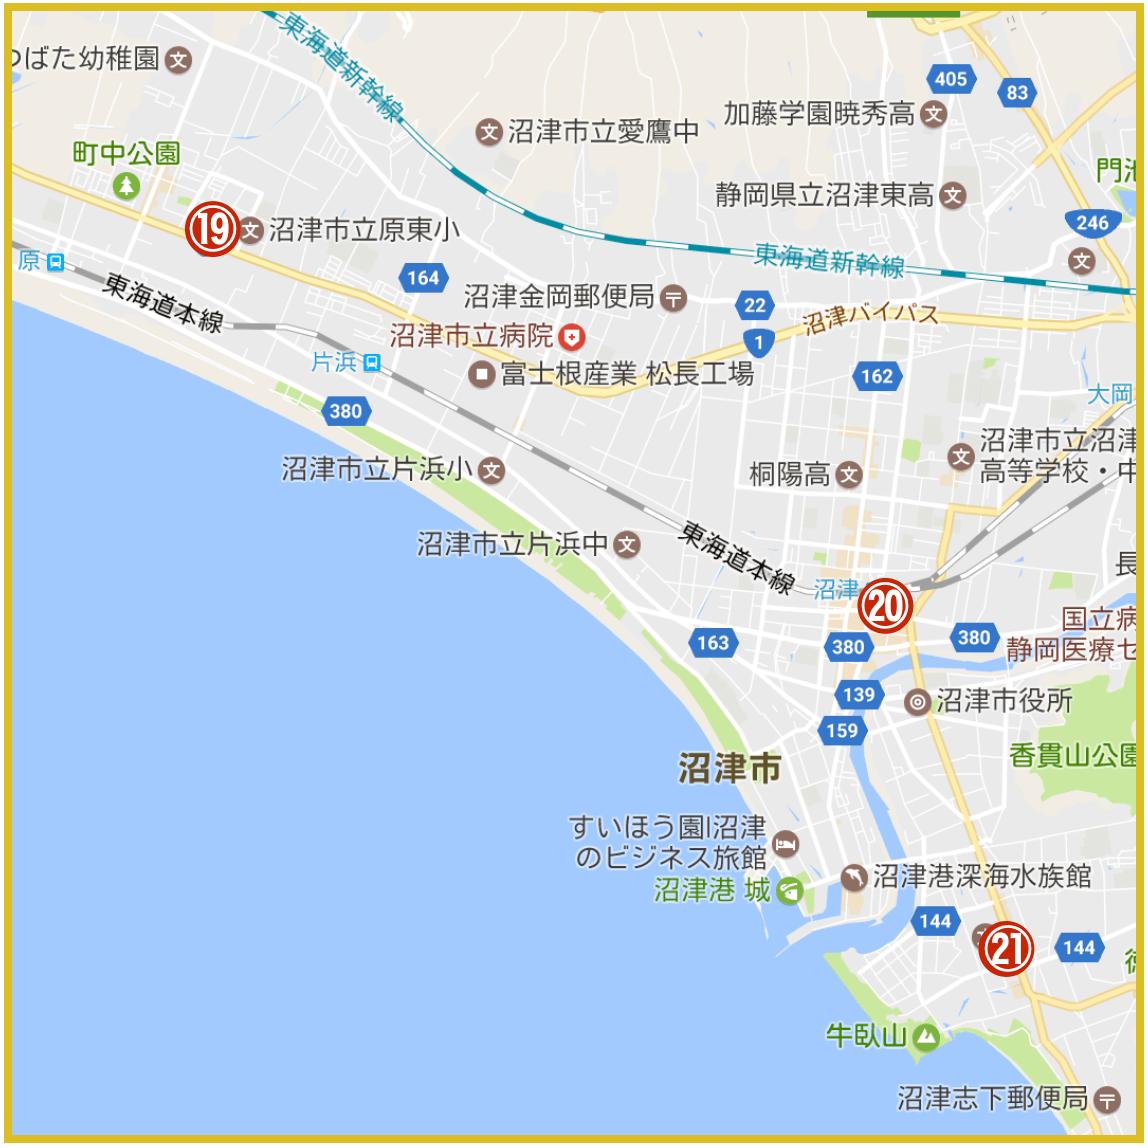 静岡県沼津市にあるアコム店舗・ATMの位置(2021年版)